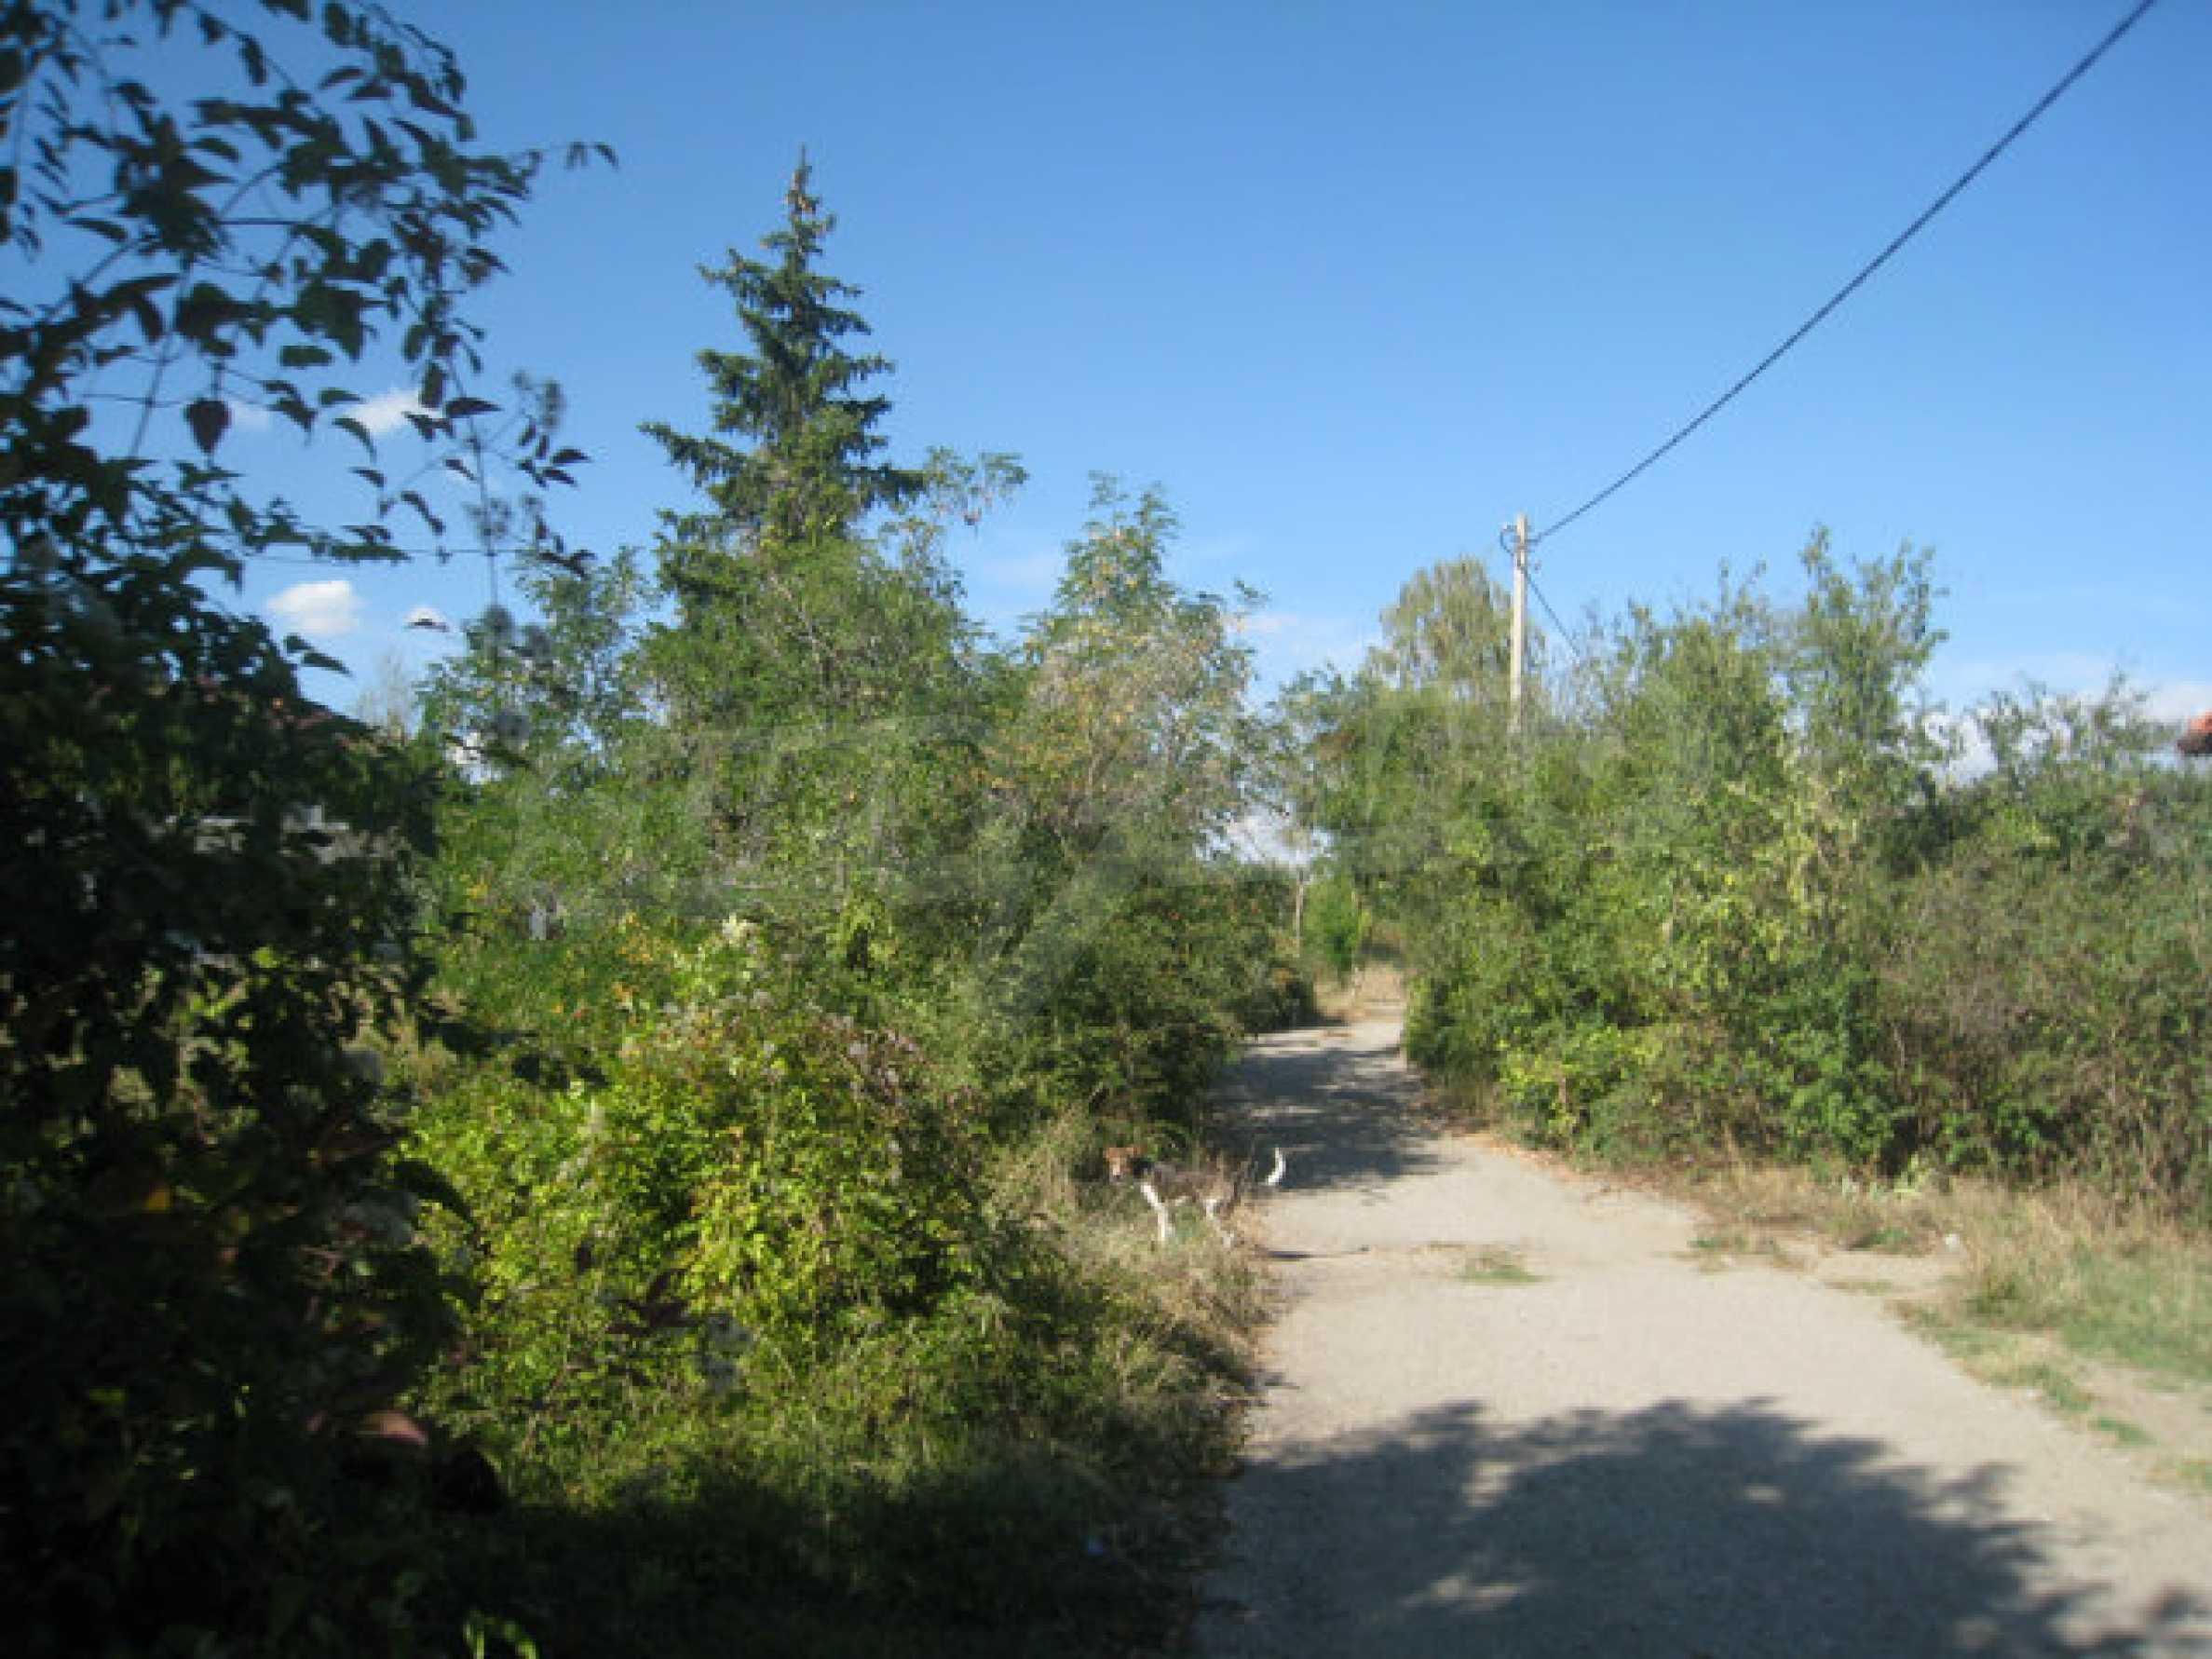 Großes reguliertes Grundstück für den Bau eines Privatgrundstücks in der Nähe von Sofia 14